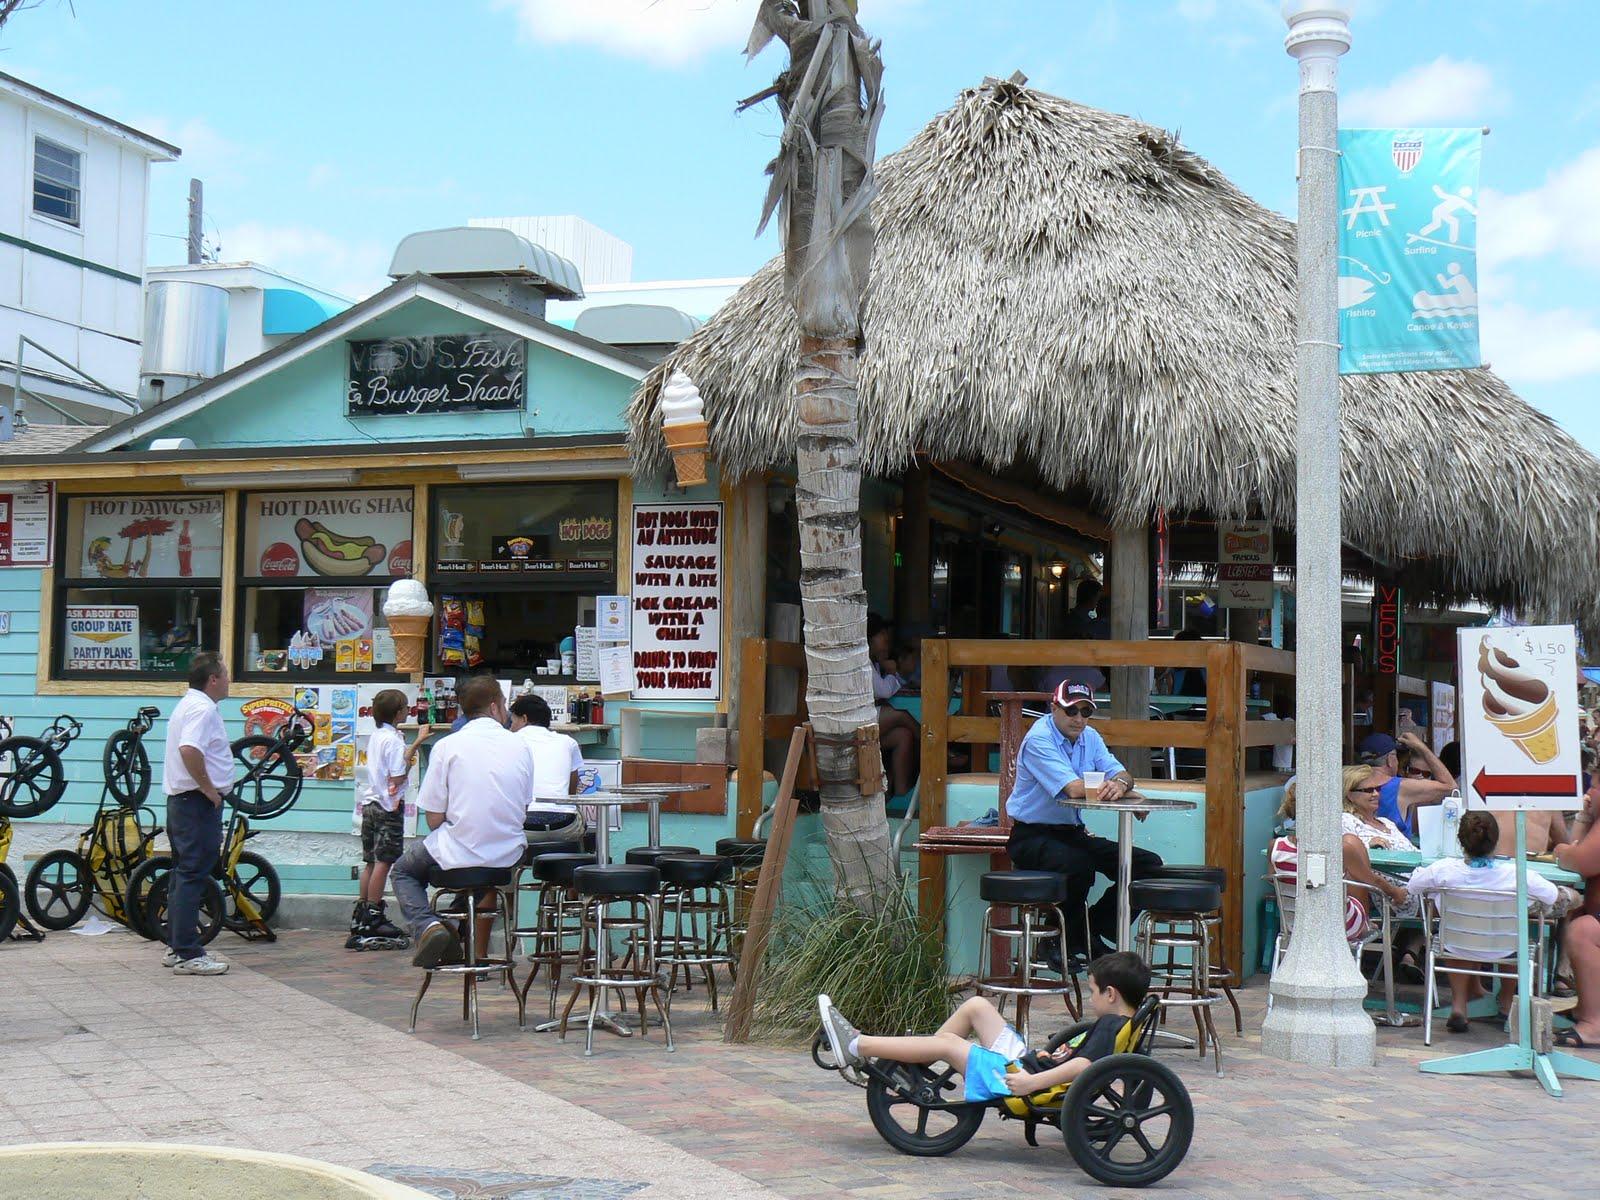 Hollywood Beach Florida Pizza